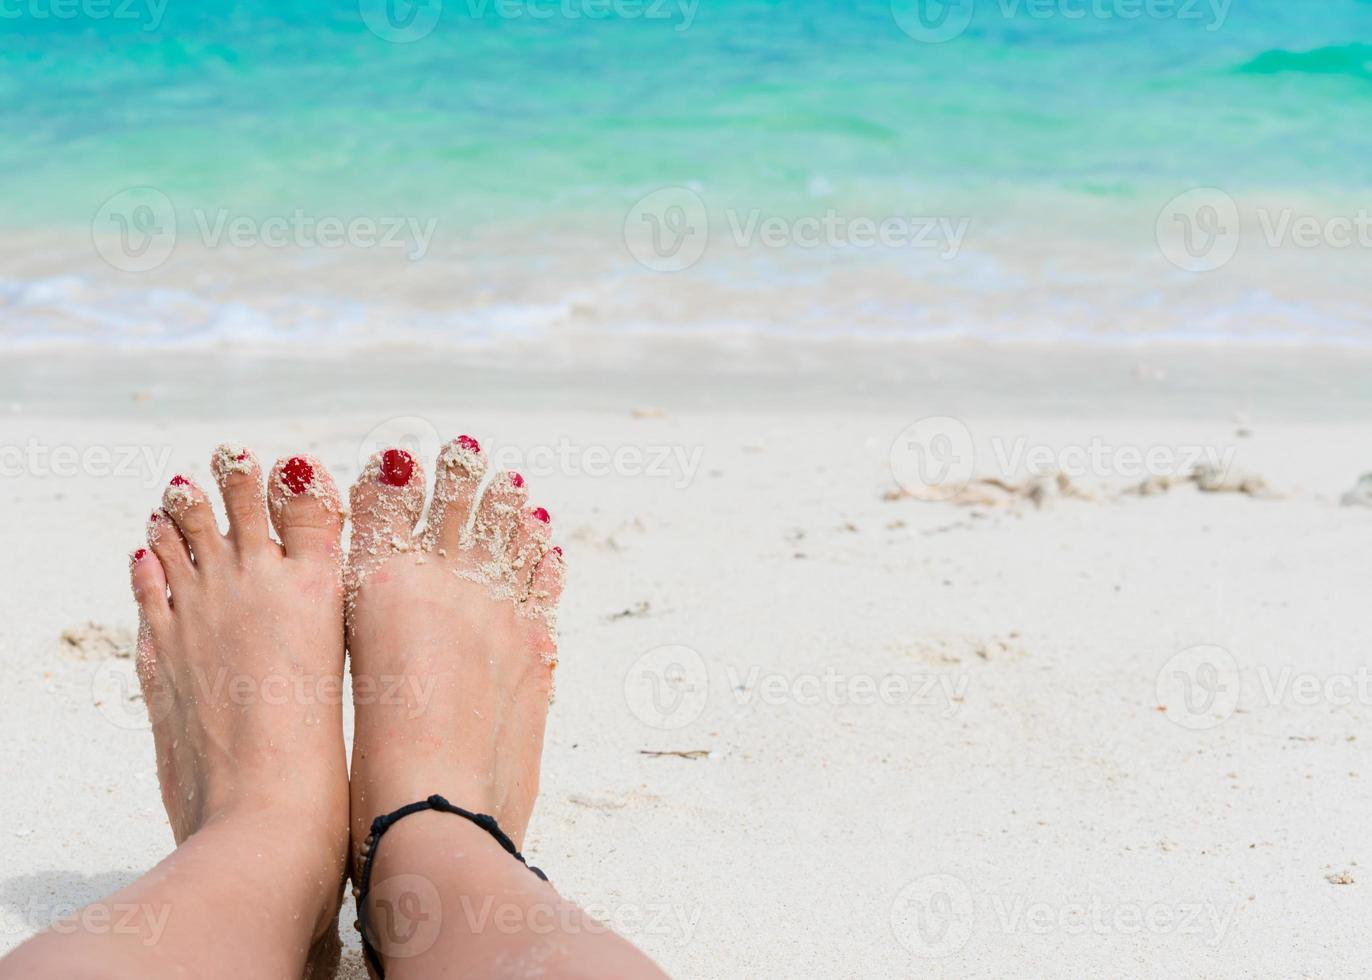 pies de mujer y uñas rojas en la playa foto